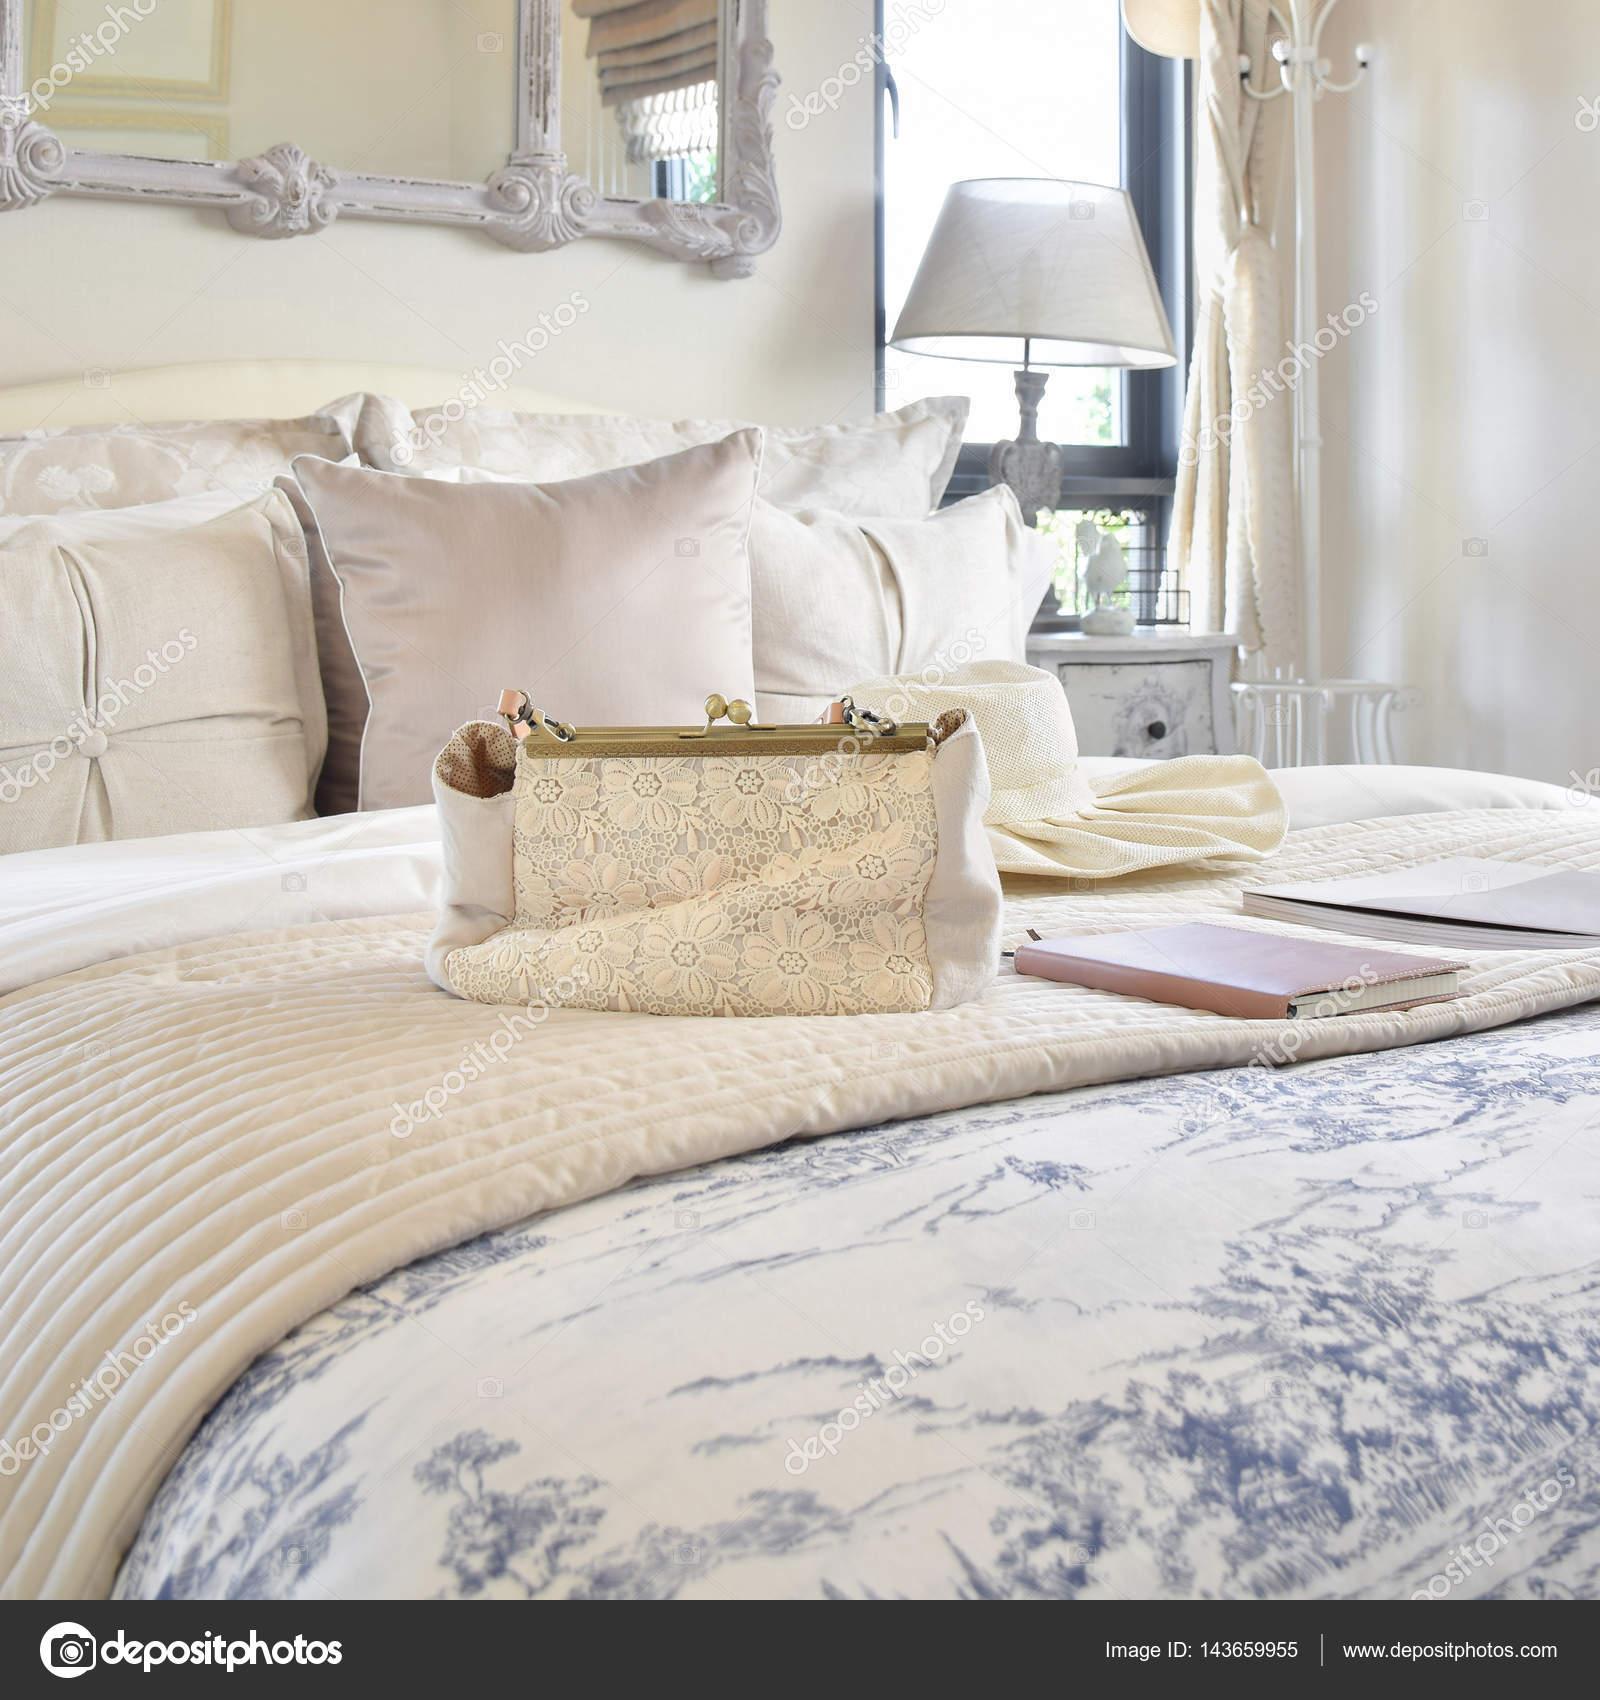 Deko Set Mit Vintage Tasche, Hut, Bücher über Bett Im Klassischen Stil  Schlafzimmer Innenraum U2014 Foto Von WorldWide_Stock